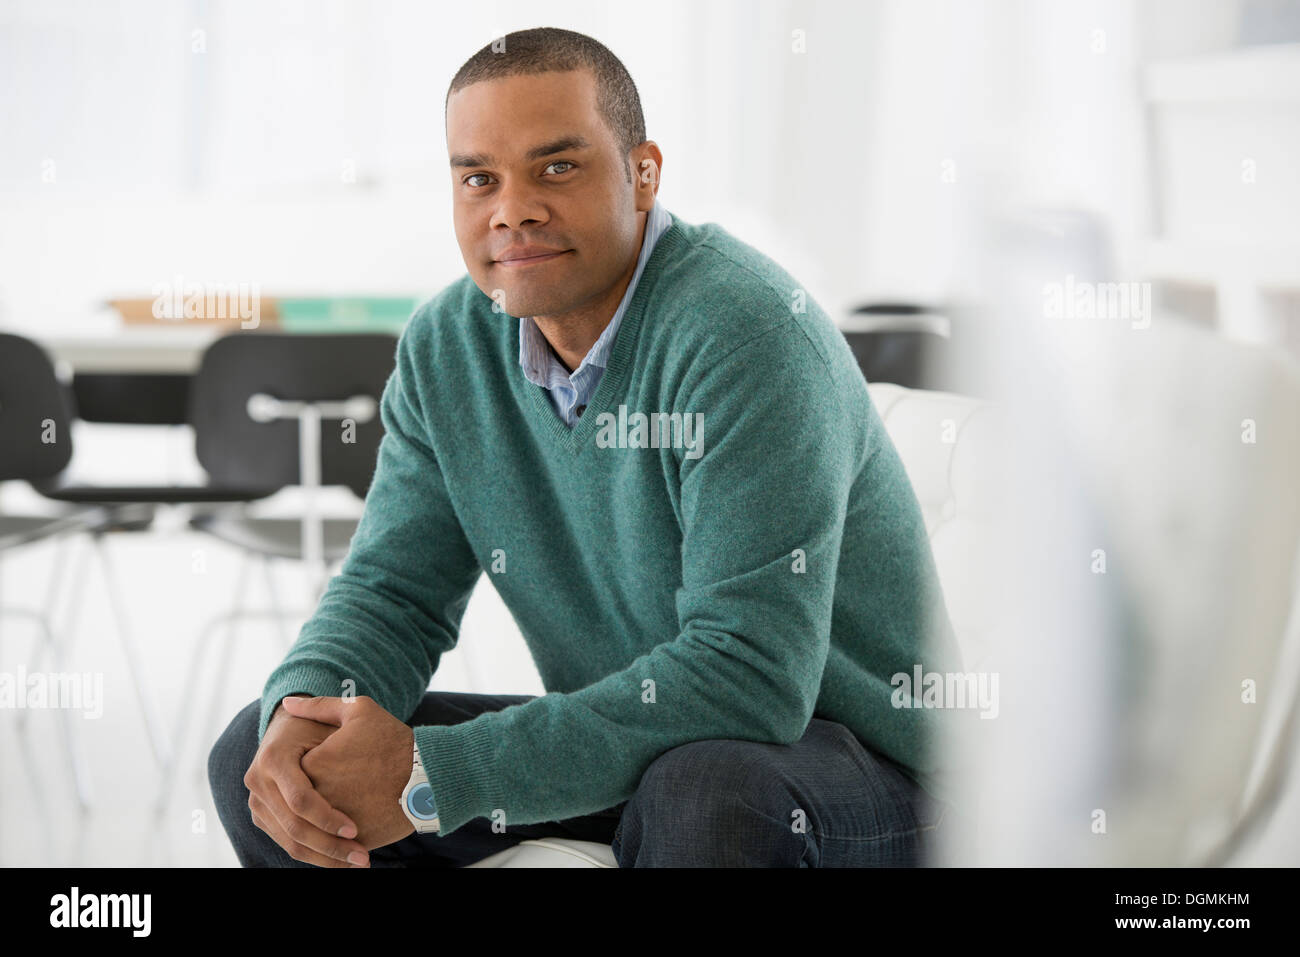 L'entreprise. Un homme assis, les mains jointes dans une ambiance pose assurée. Photo Stock